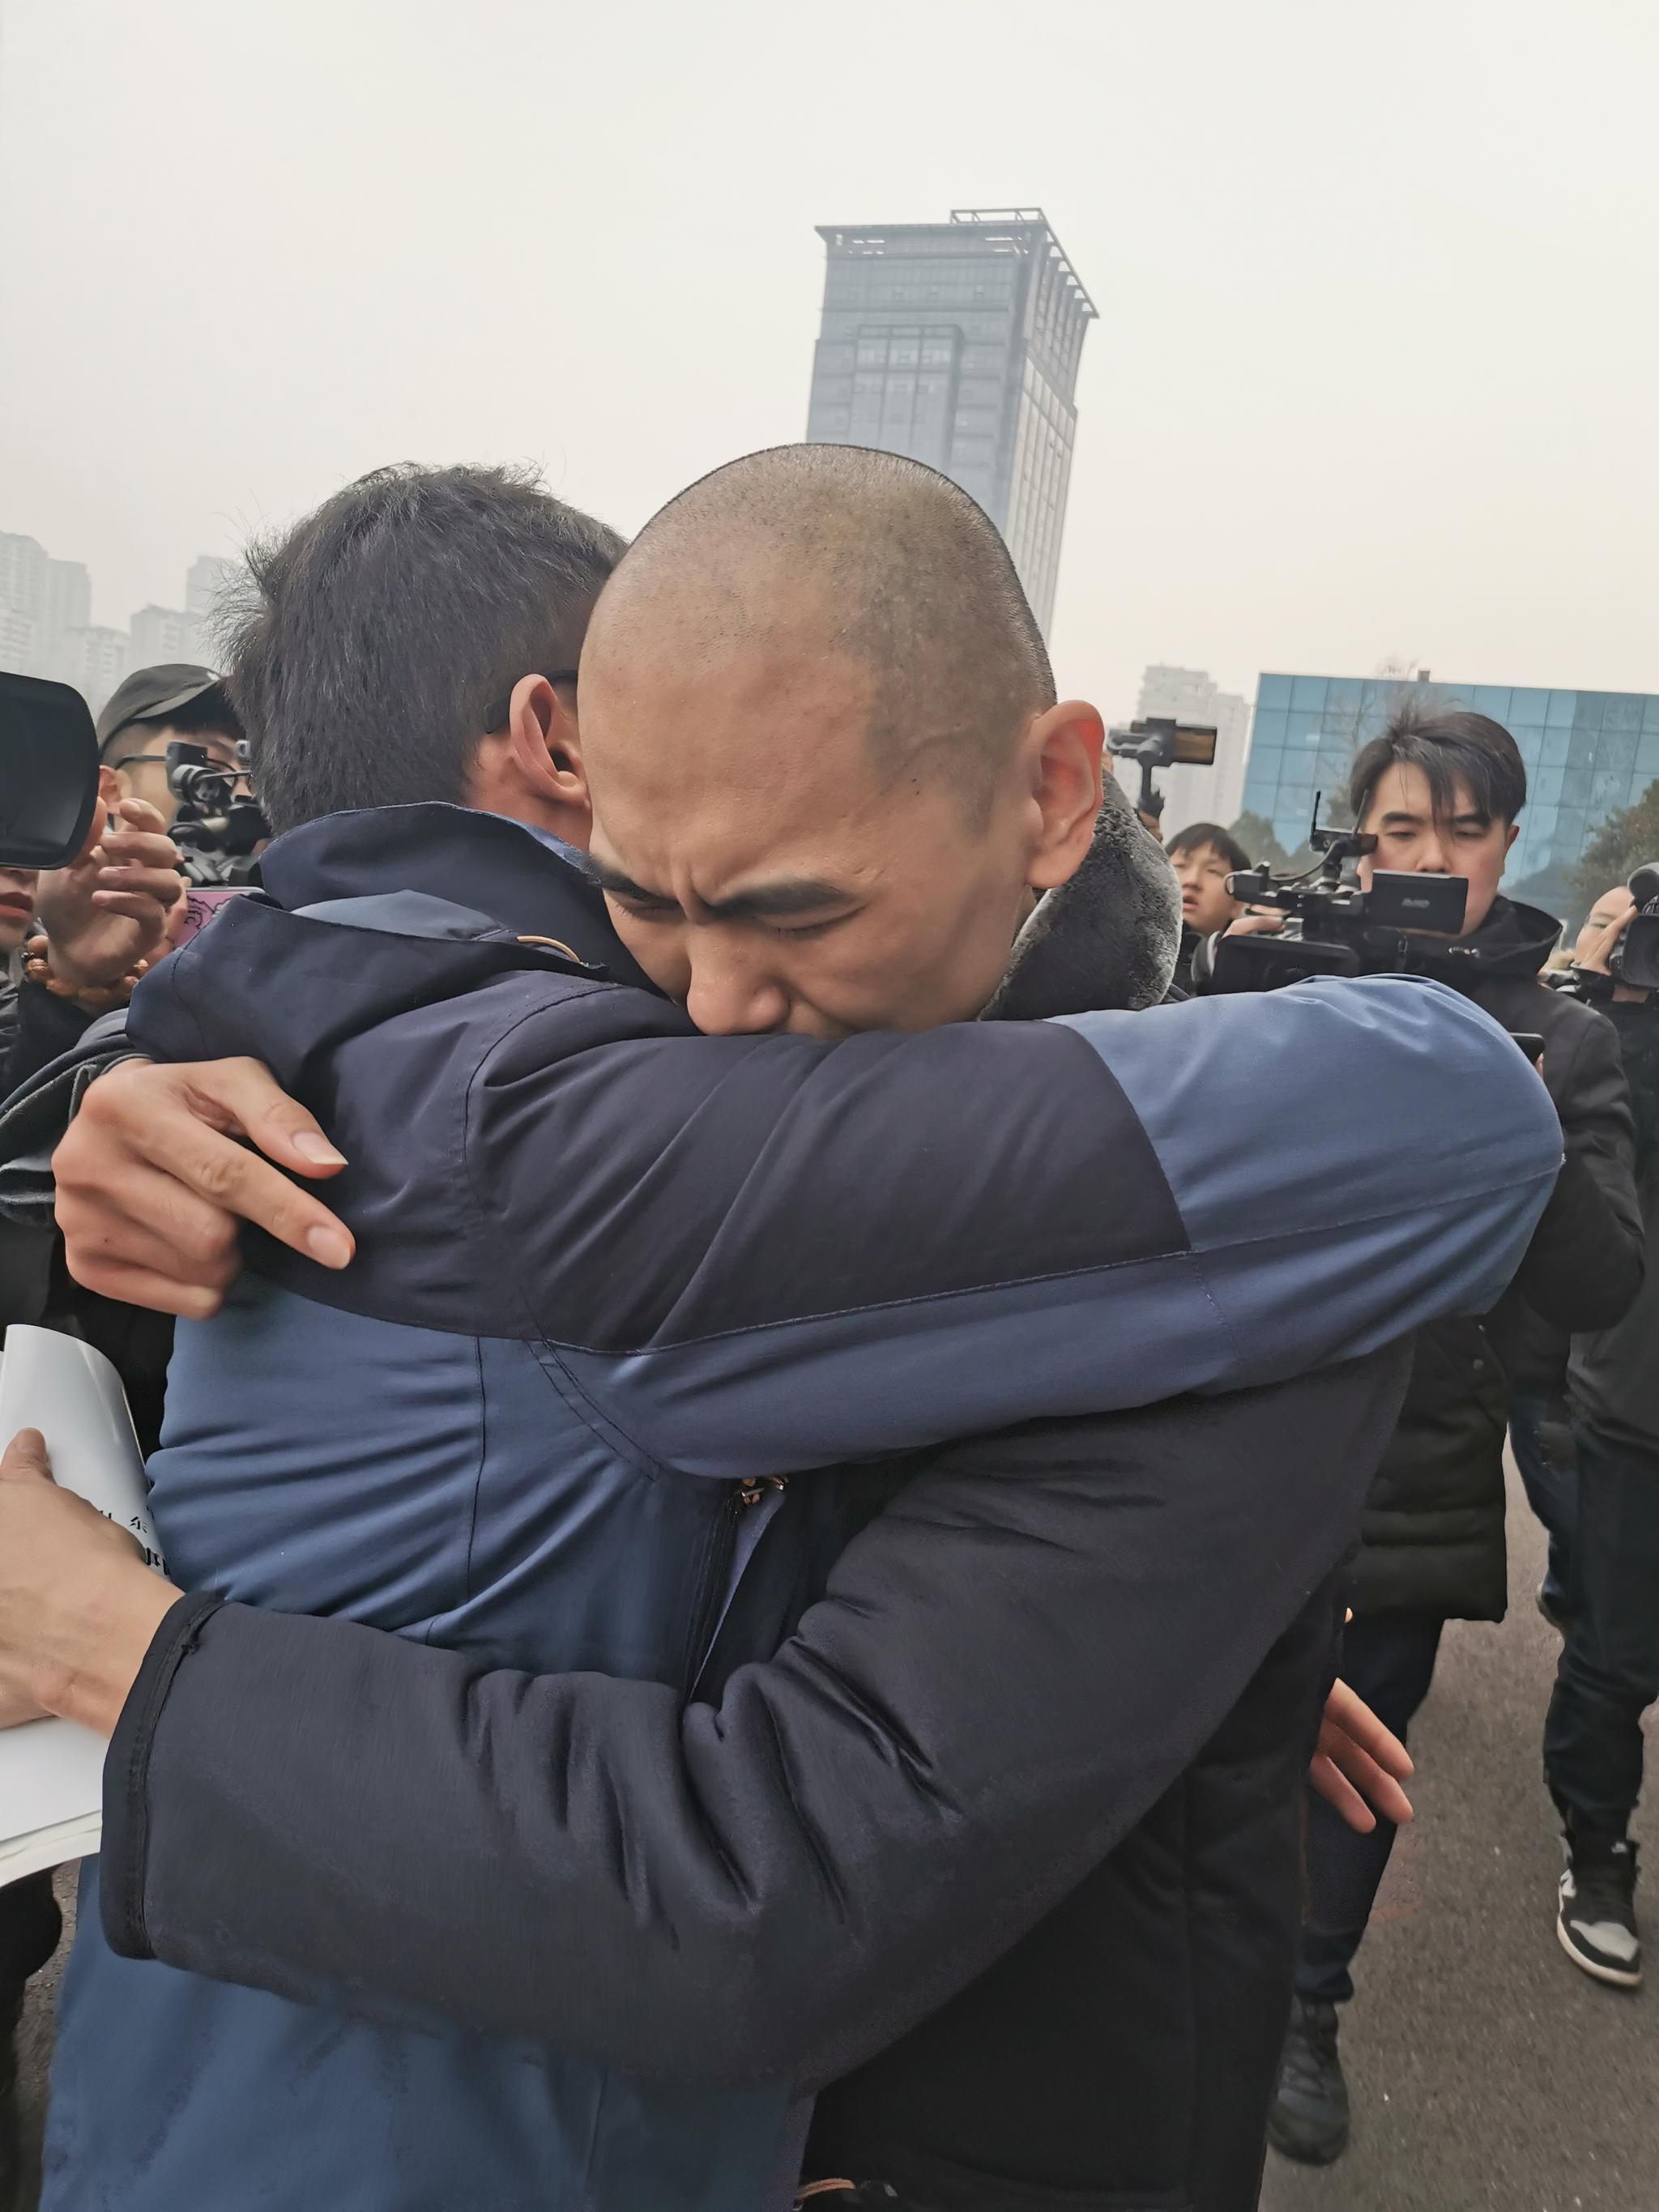 张志超拥抱王广超。 本文均为澎湃新闻记者 张家然 图